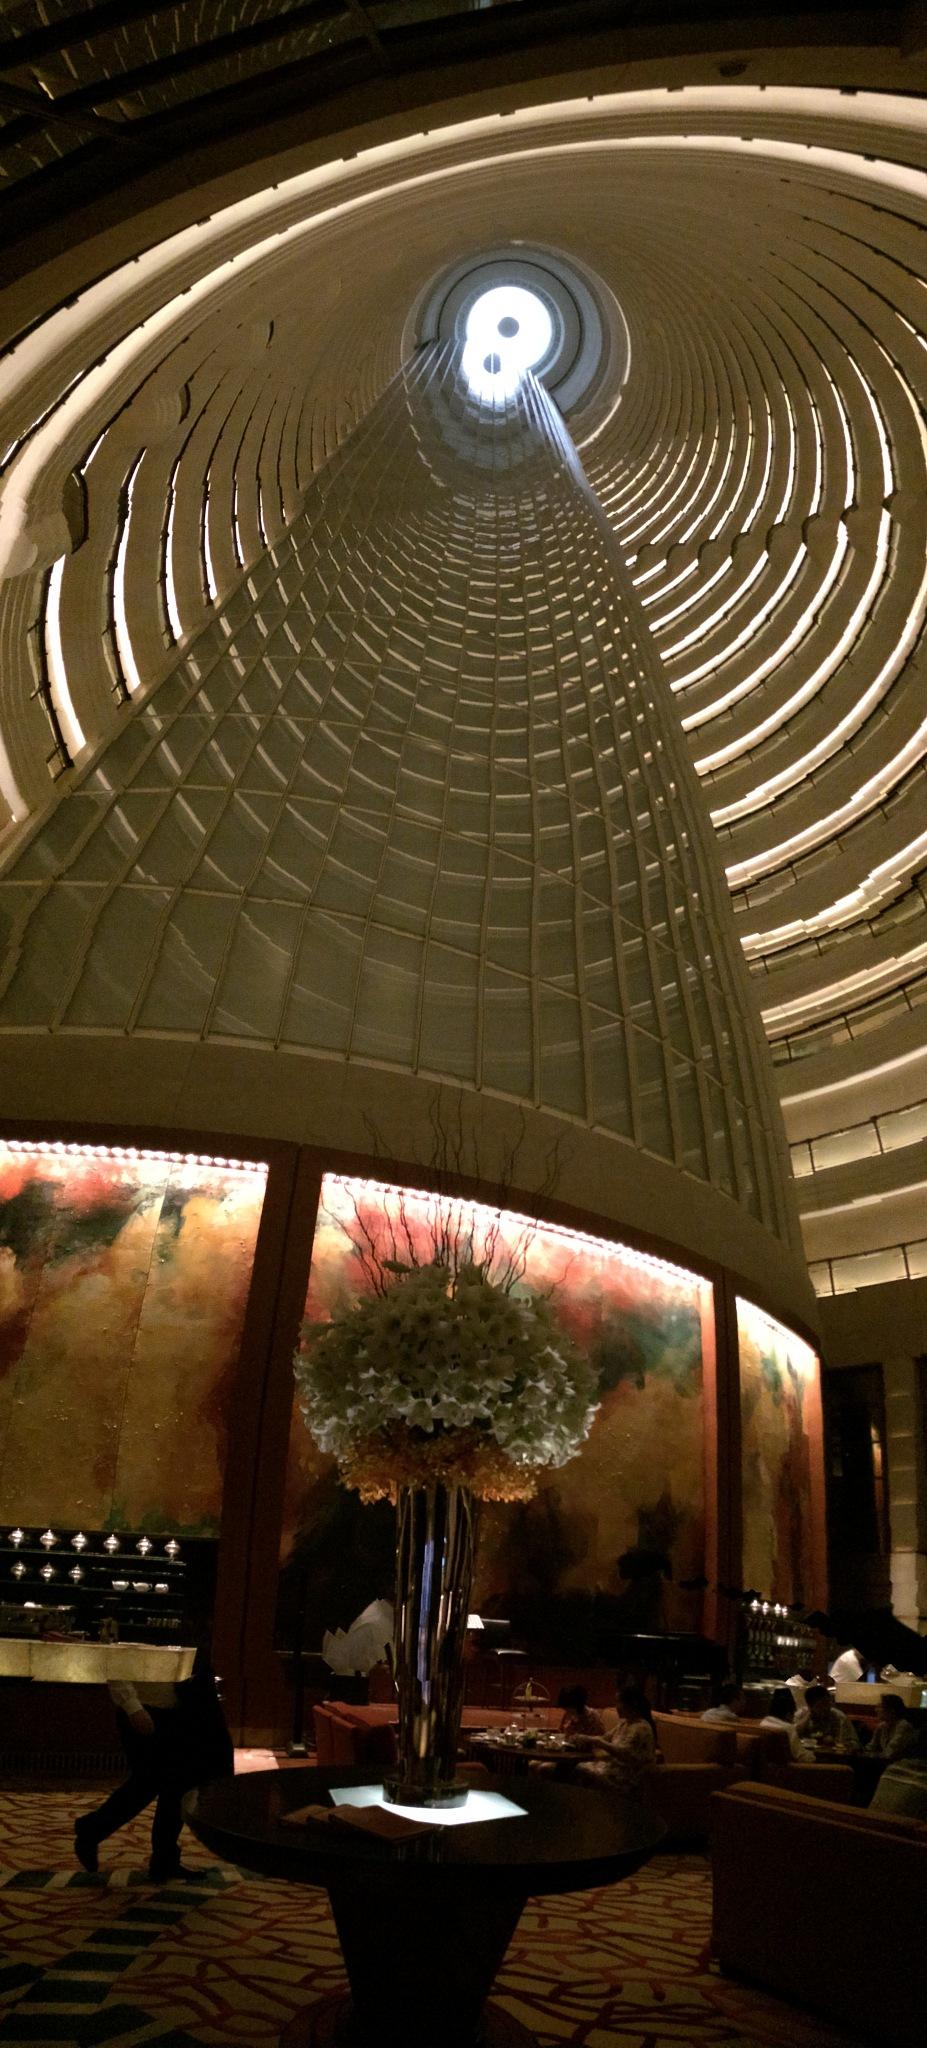 Grand Hyatt Shanghai by JasonHawksworth